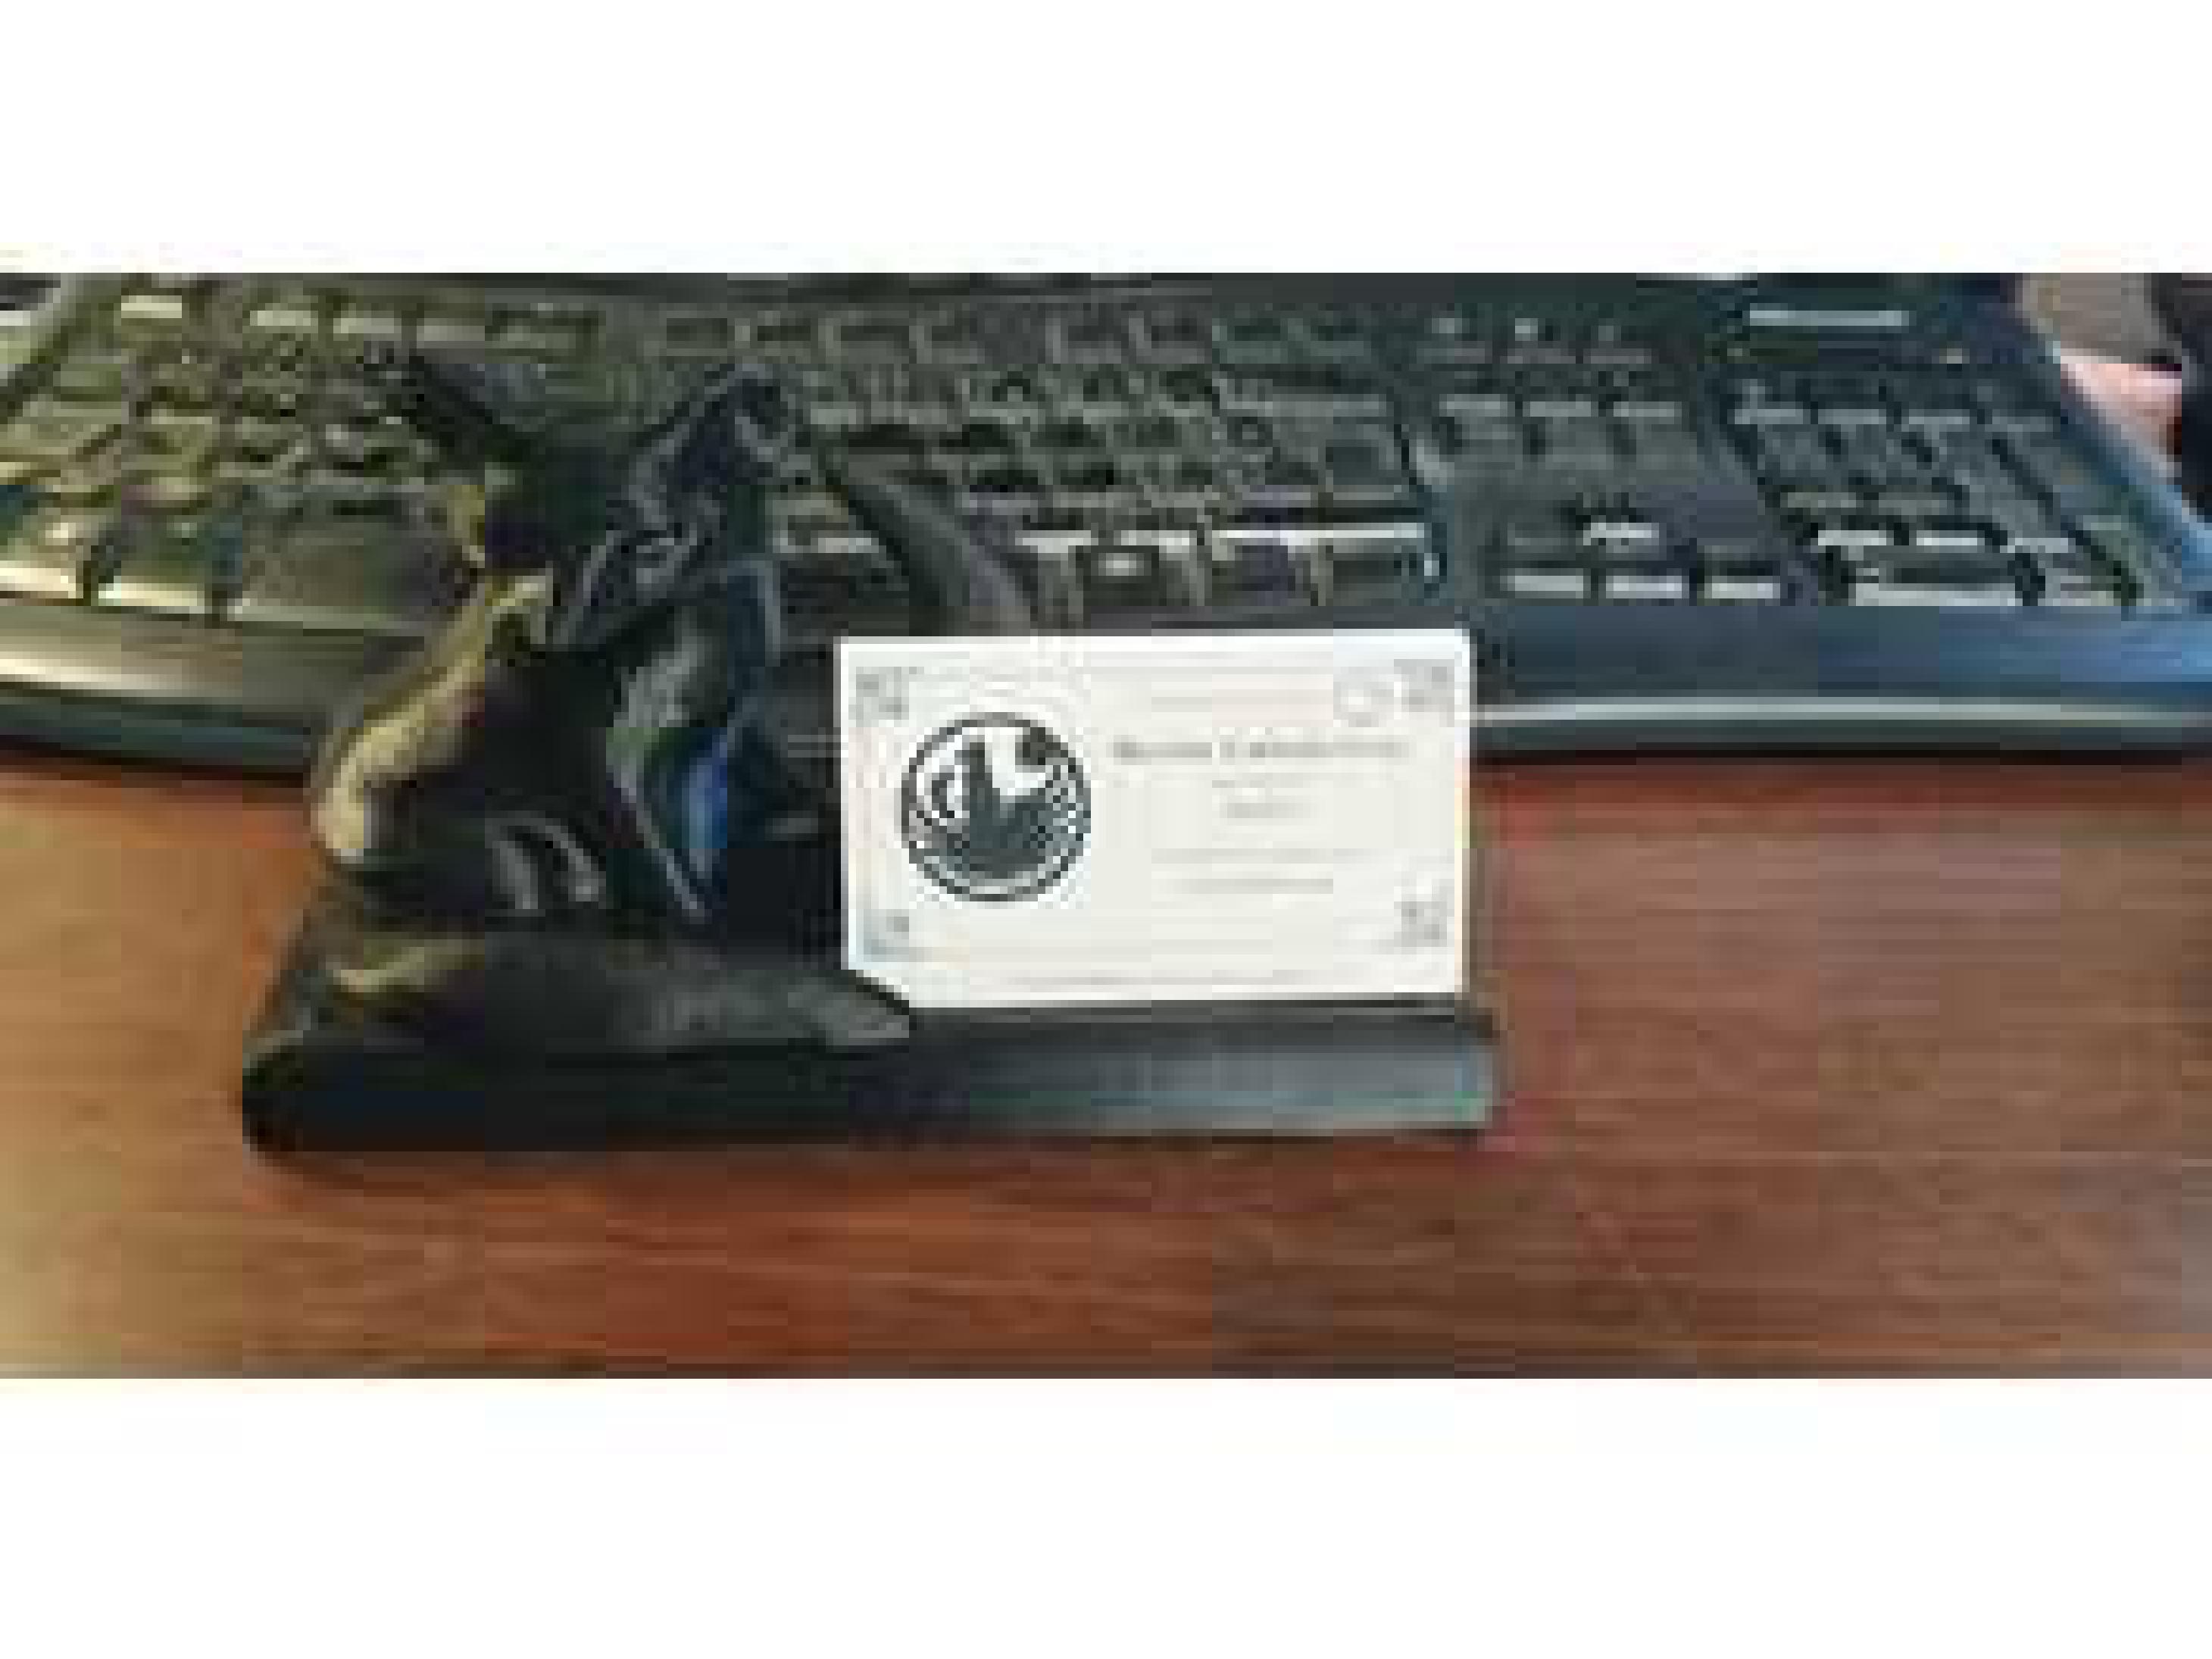 Bay Fox Masaüstü kartvizit Tutucu kartvizitlik